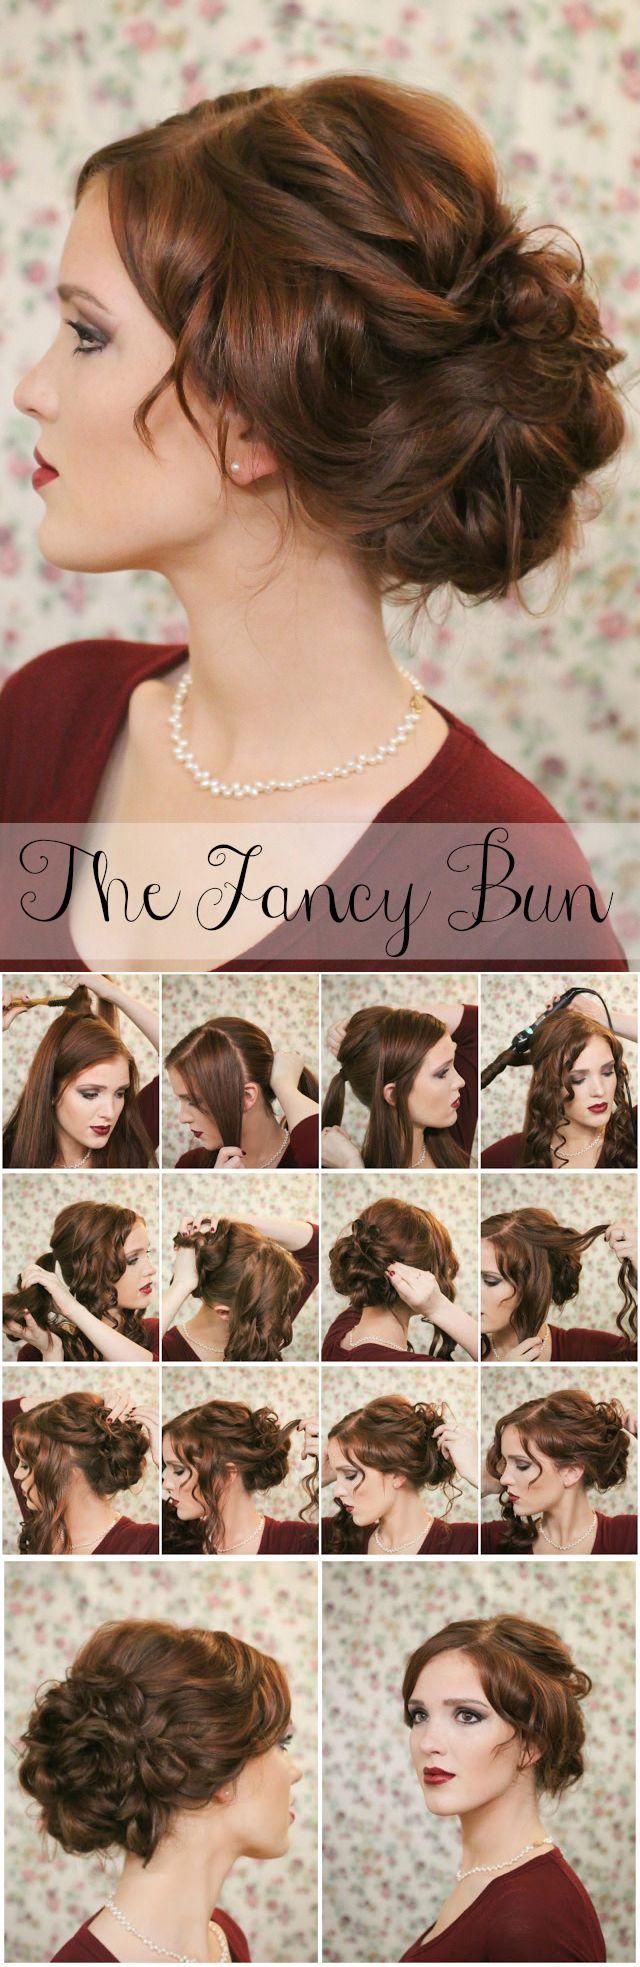 Прически на свадьбу на средние волосы схема